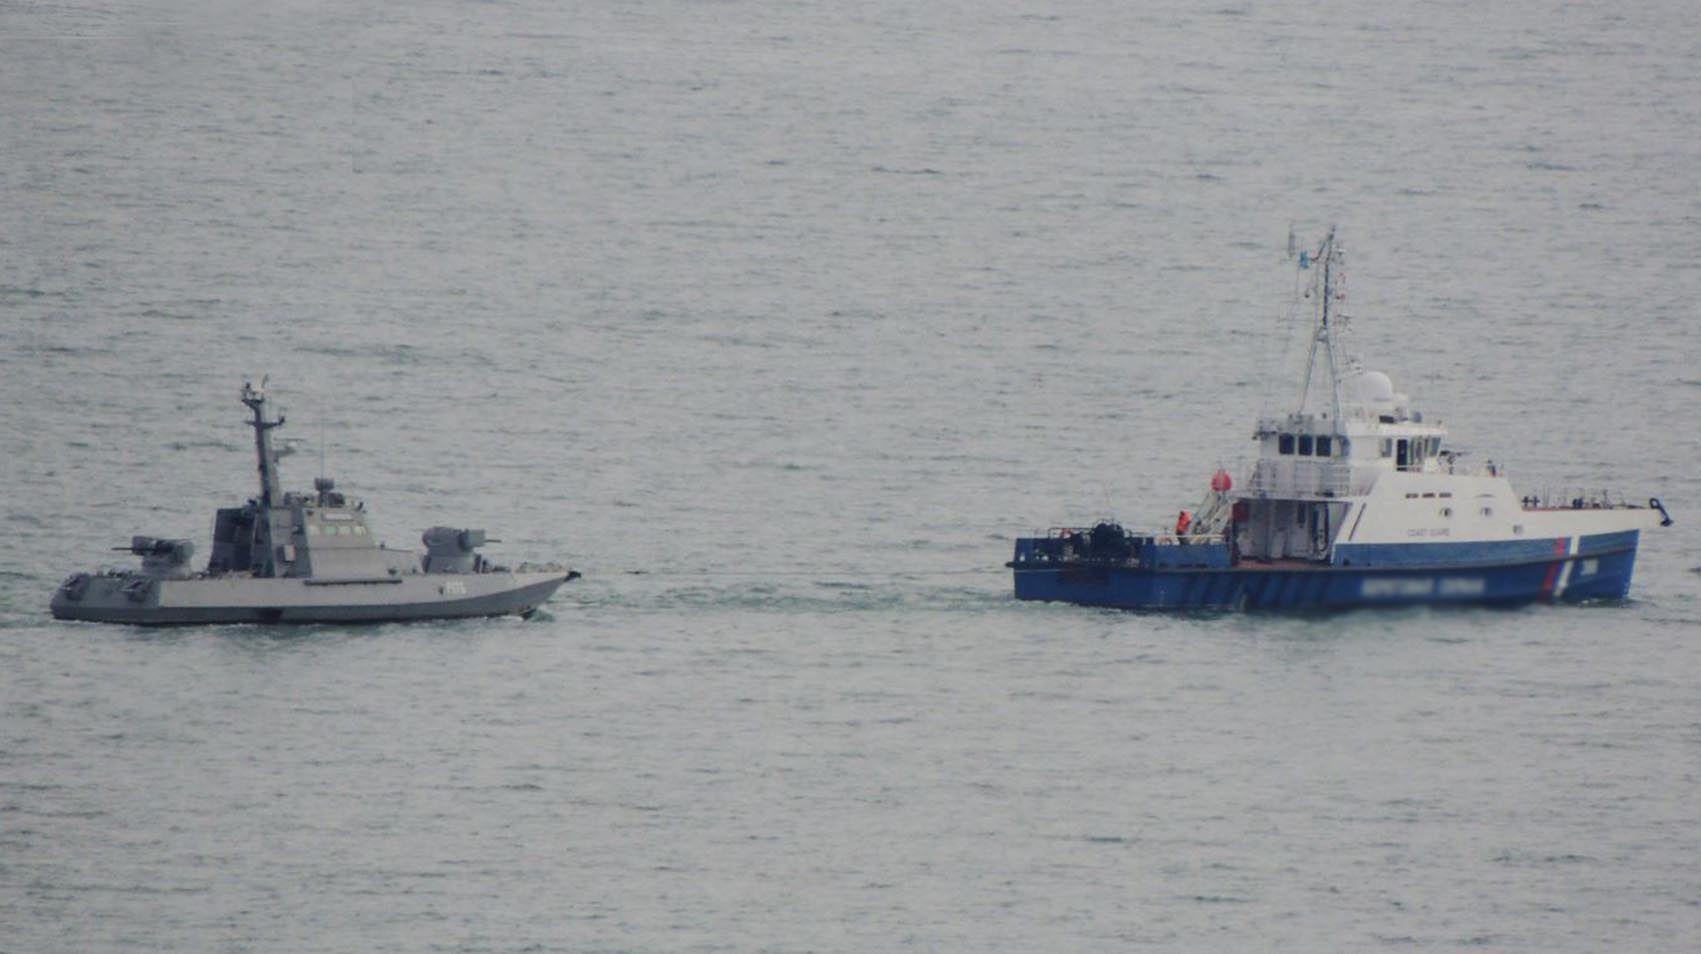 Russland gekaperte Schiffe an die Ukraine zurückgegeben